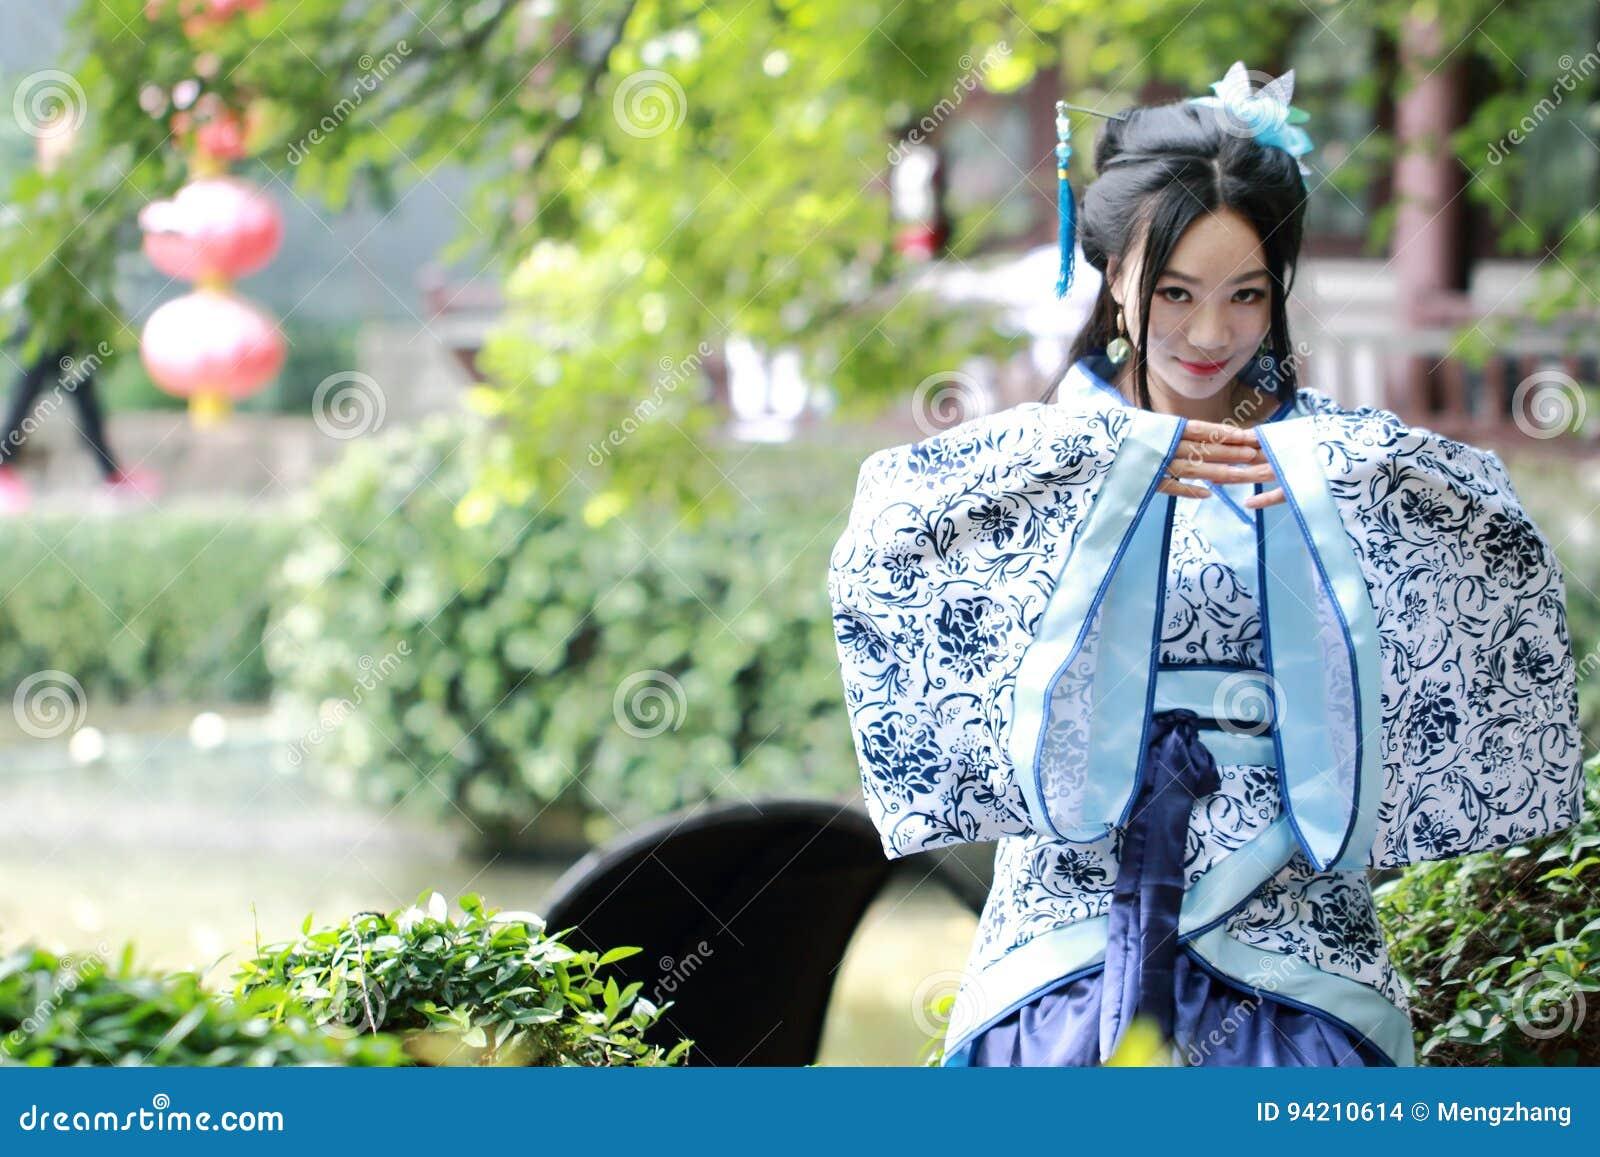 Robe Bleue Femme Chinoise Dans Et La Asiatique Blanche D29EHWI